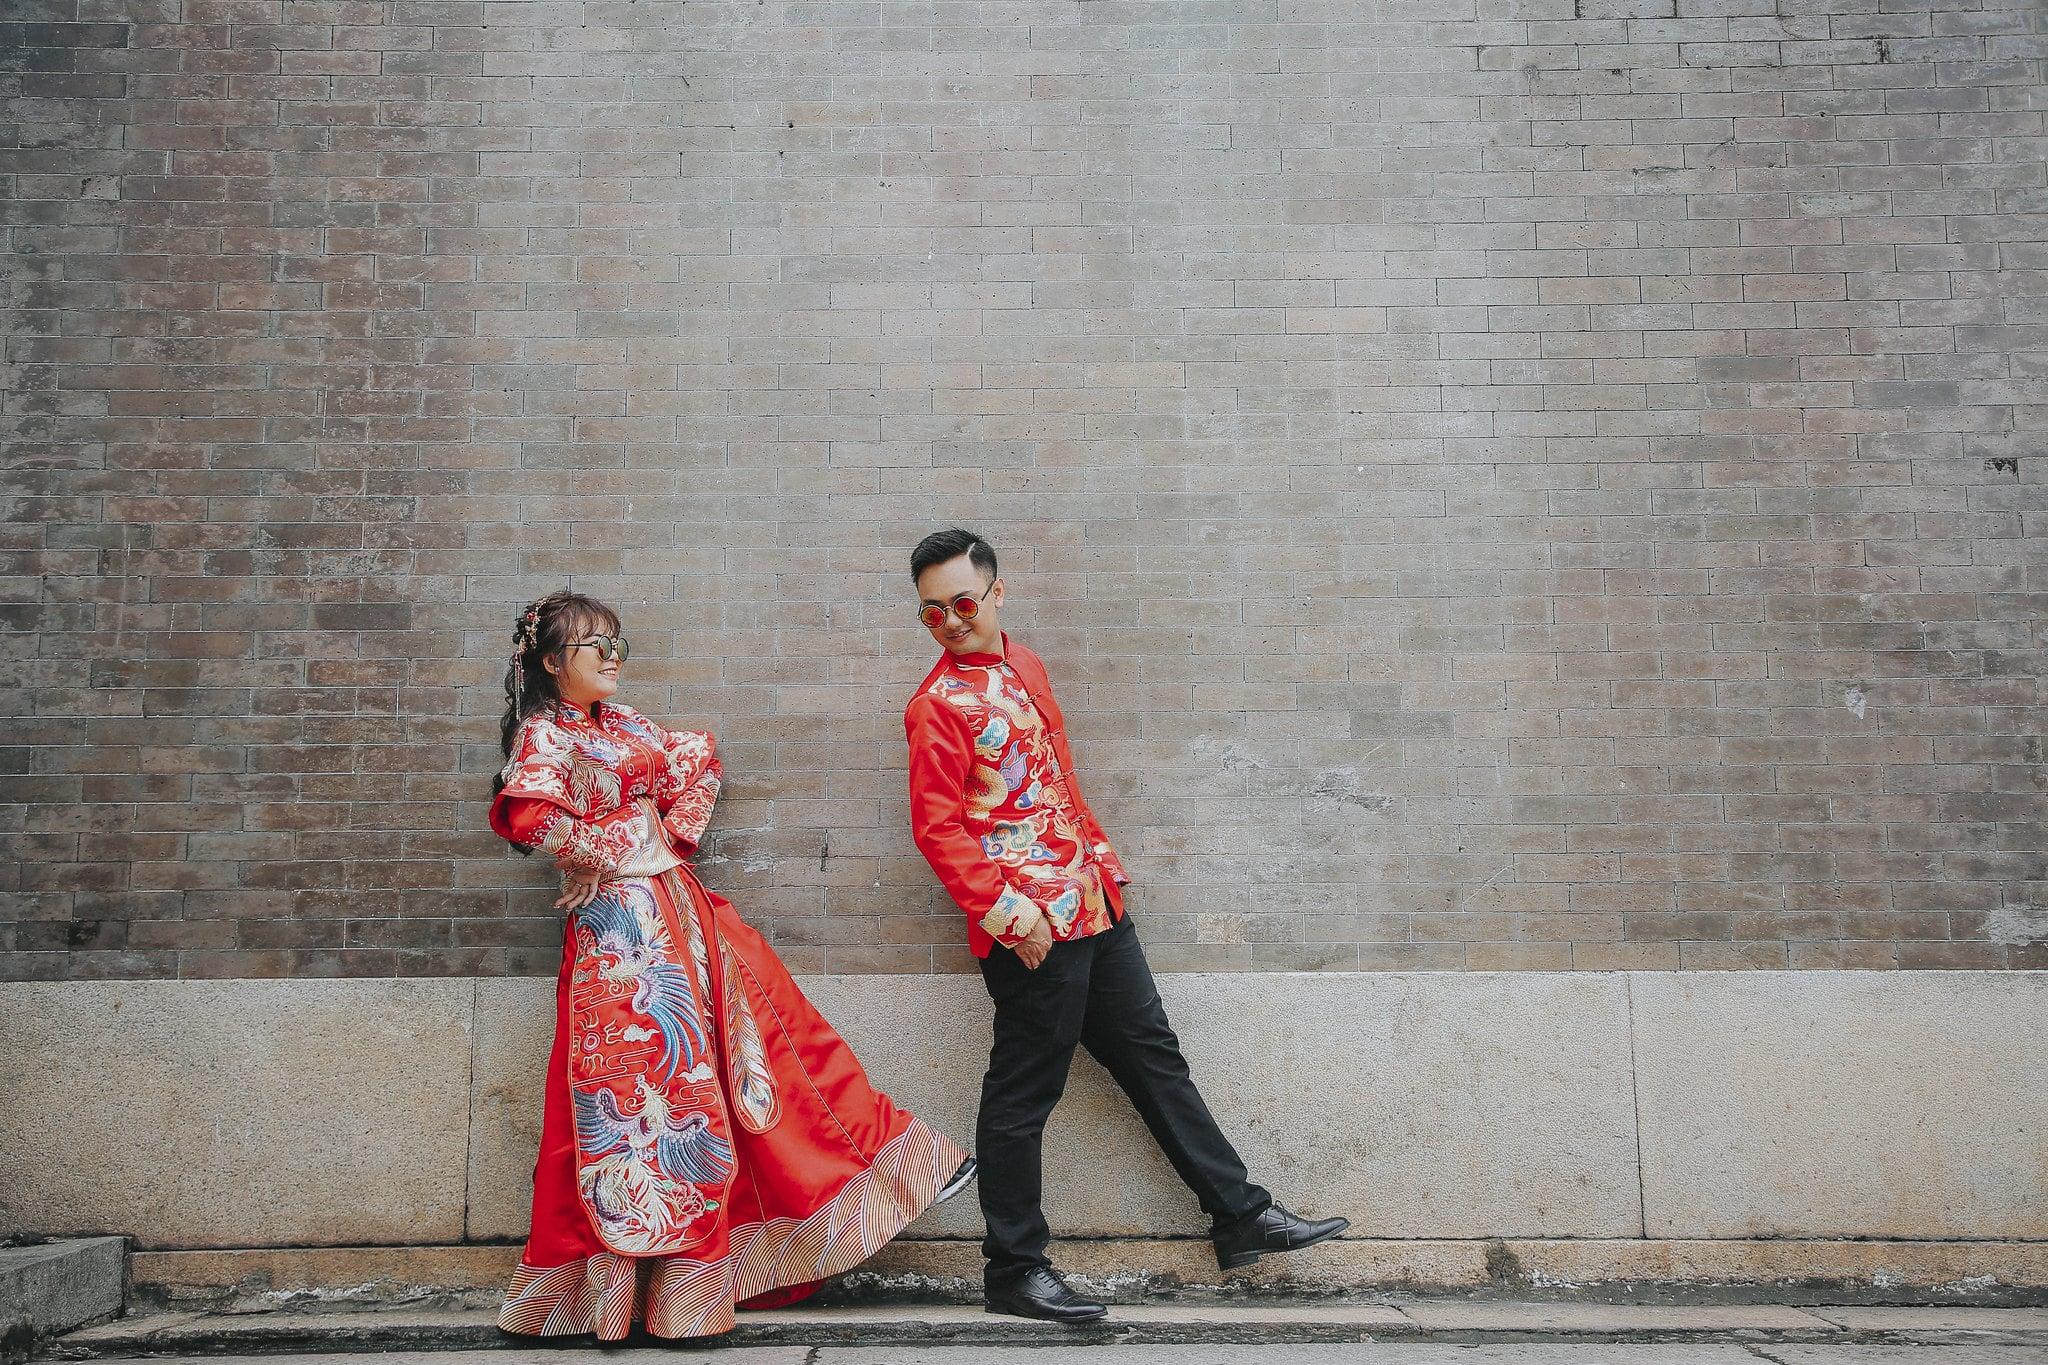 couple co trang 1 - Bộ ảnh couple cổ trang chụp tại chùa bà thiên hậu- HThao Studio